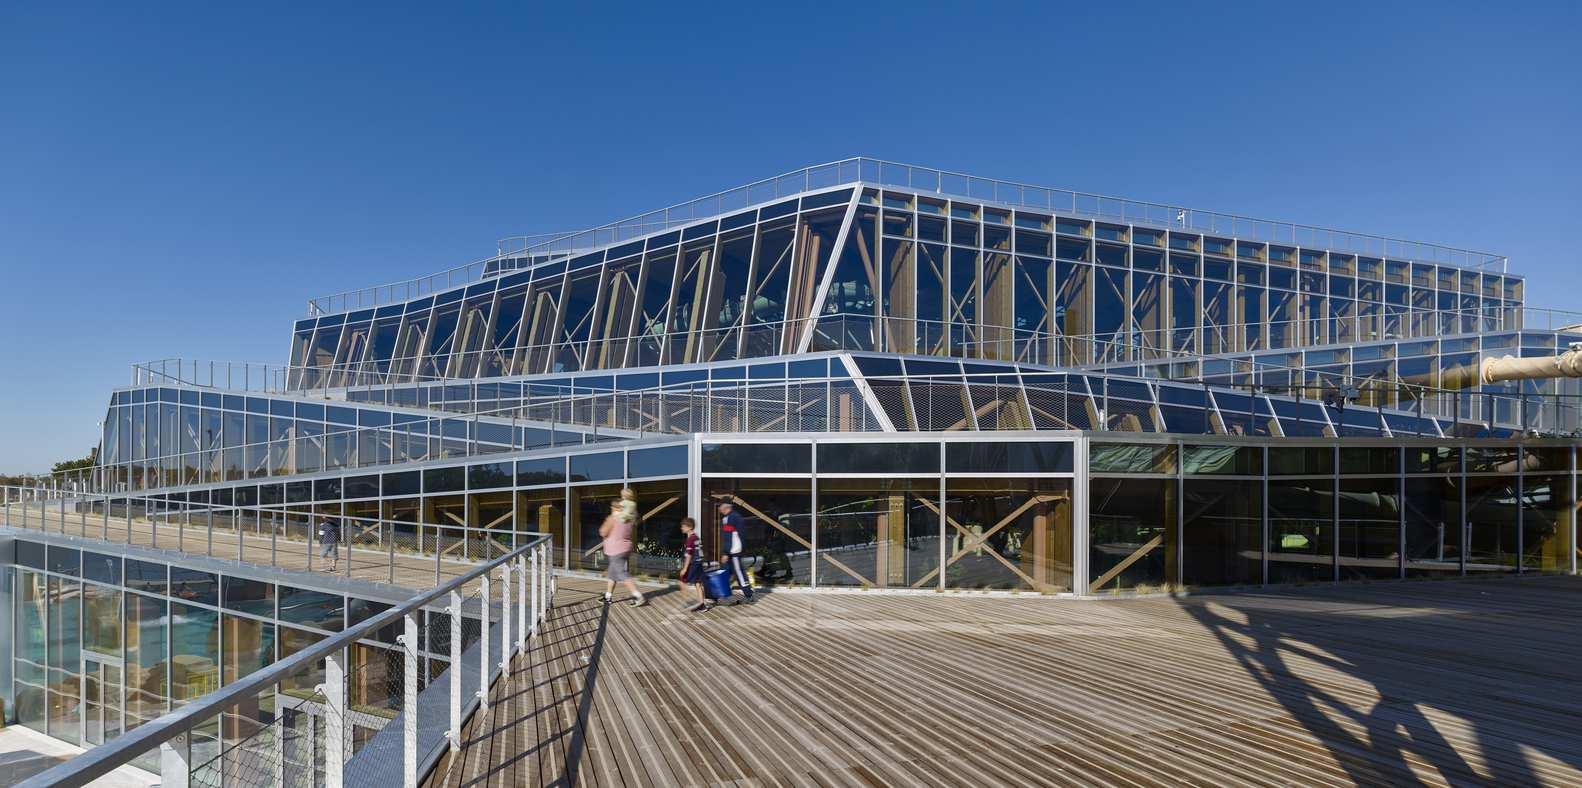 پارک آبی با رویکرد معماری پایدار